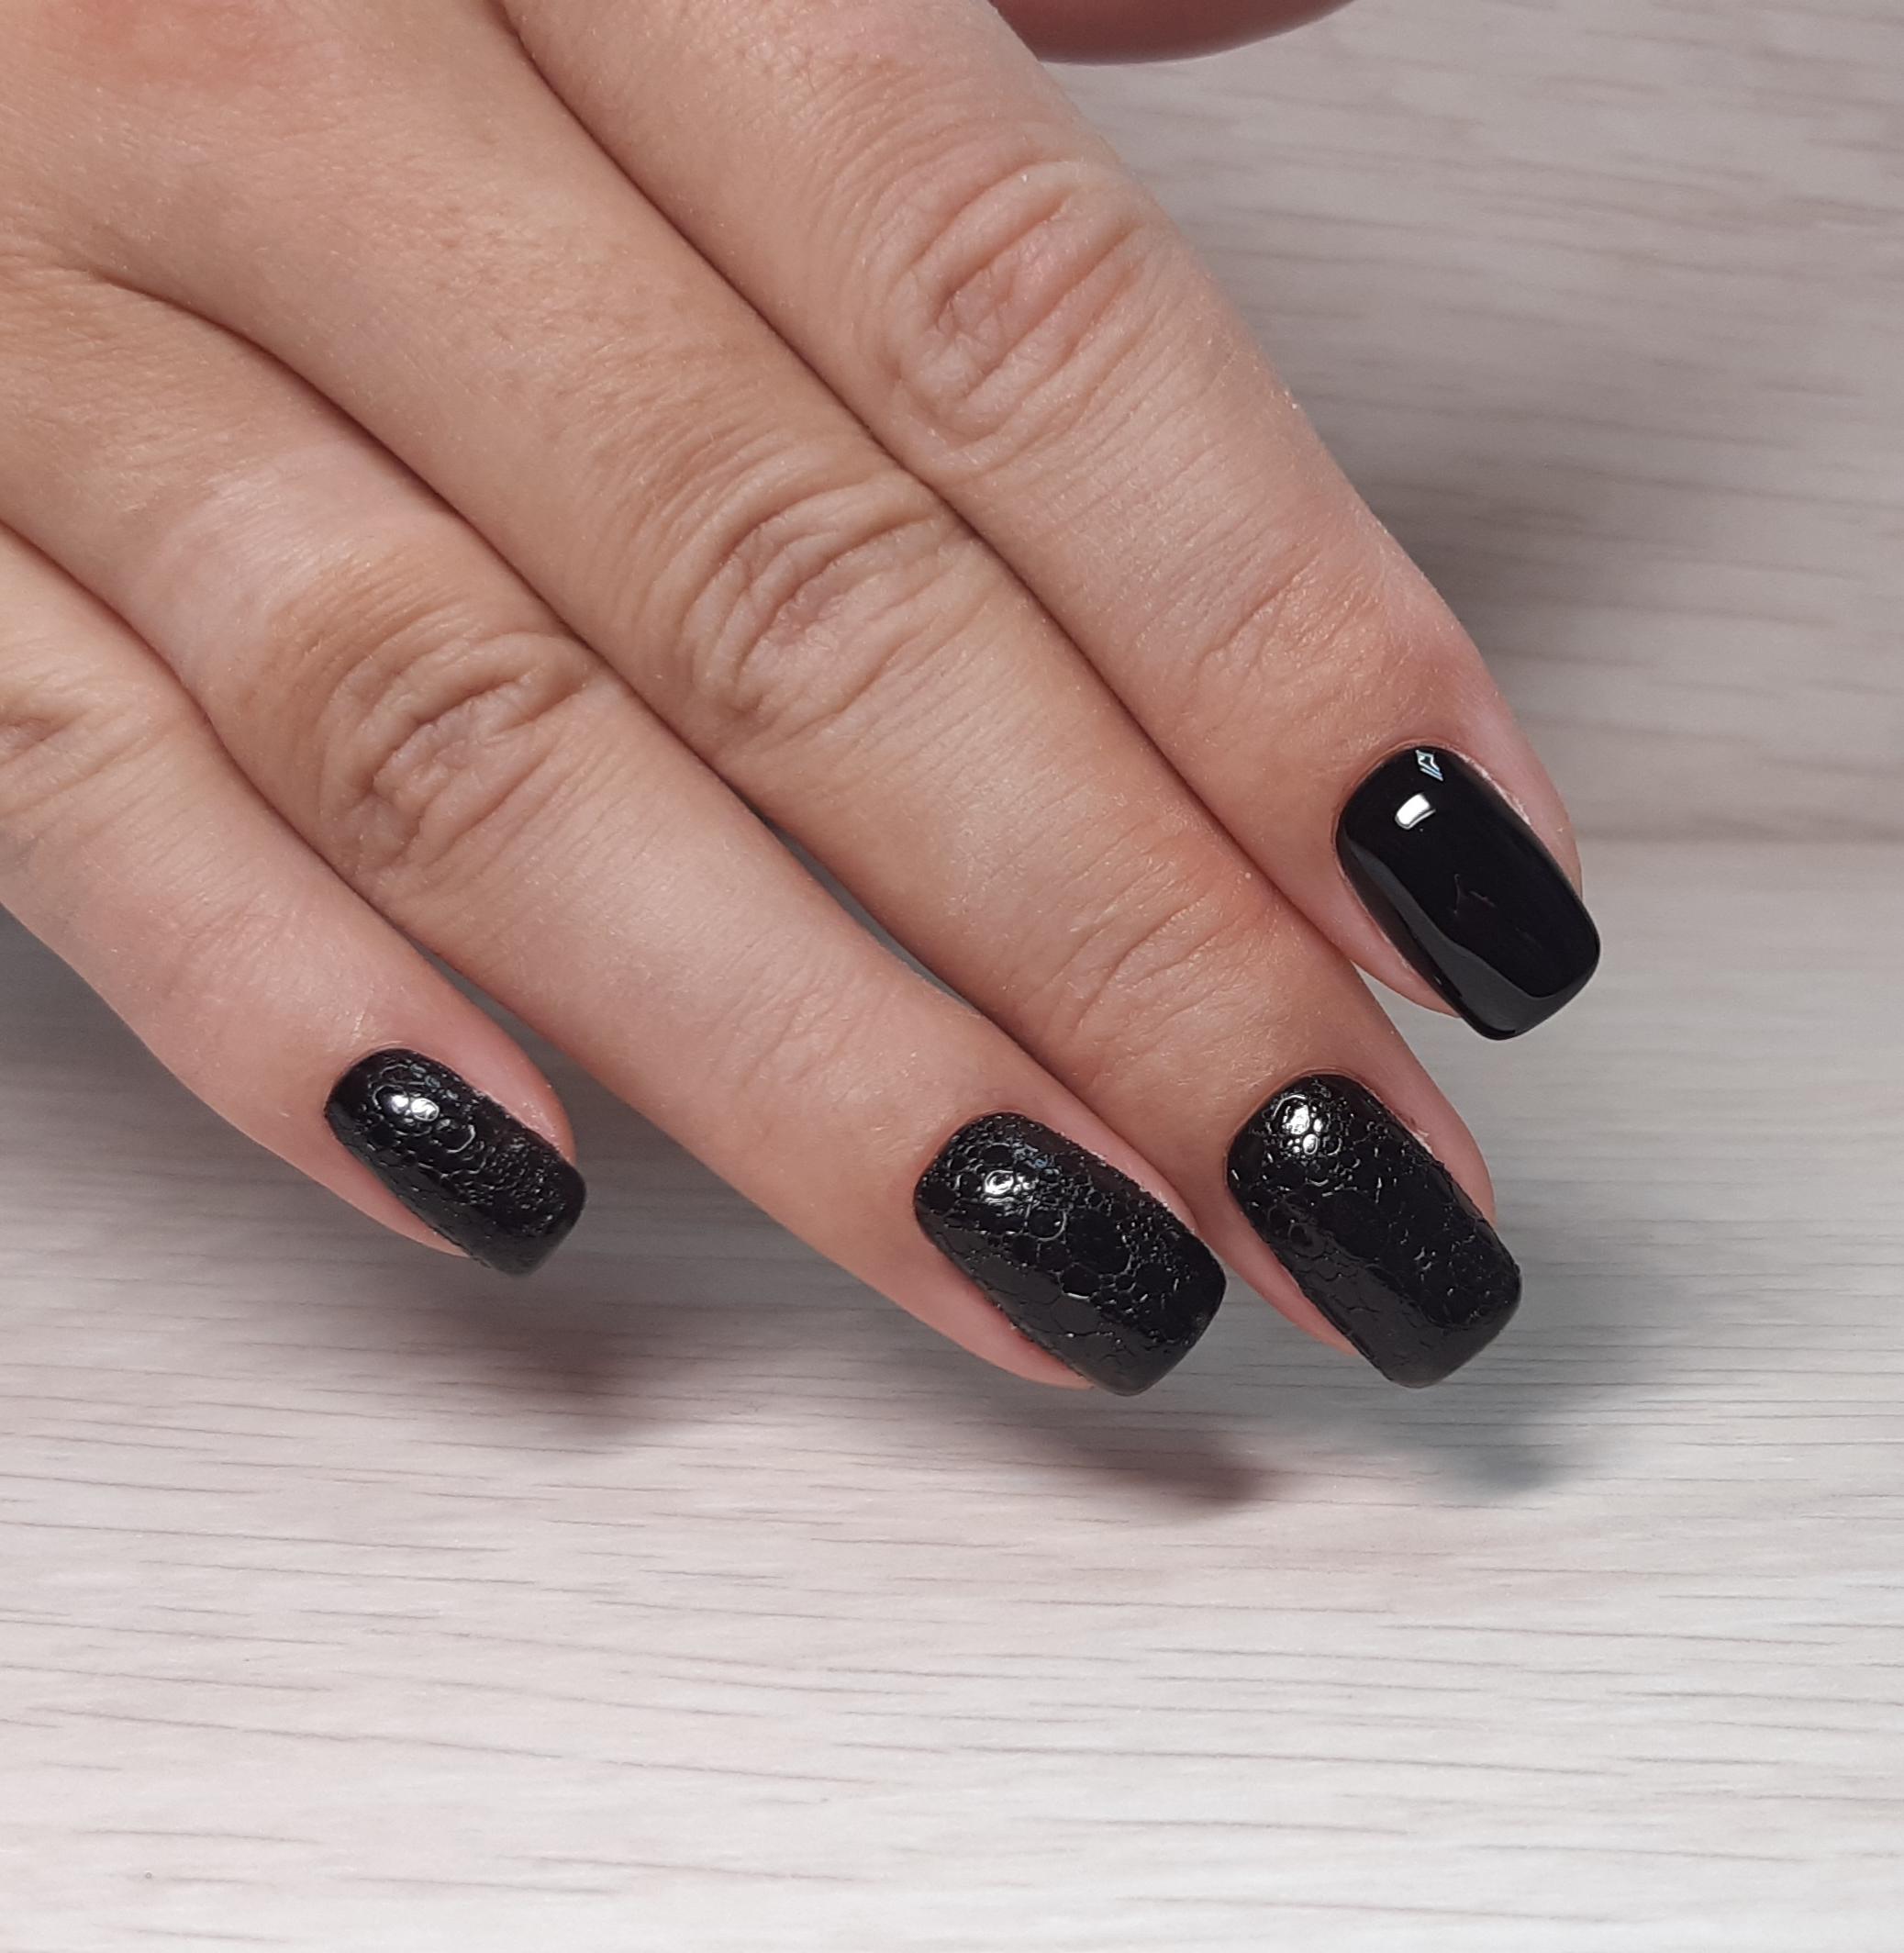 Маникюр с bubble-эффектом в черном цвете.